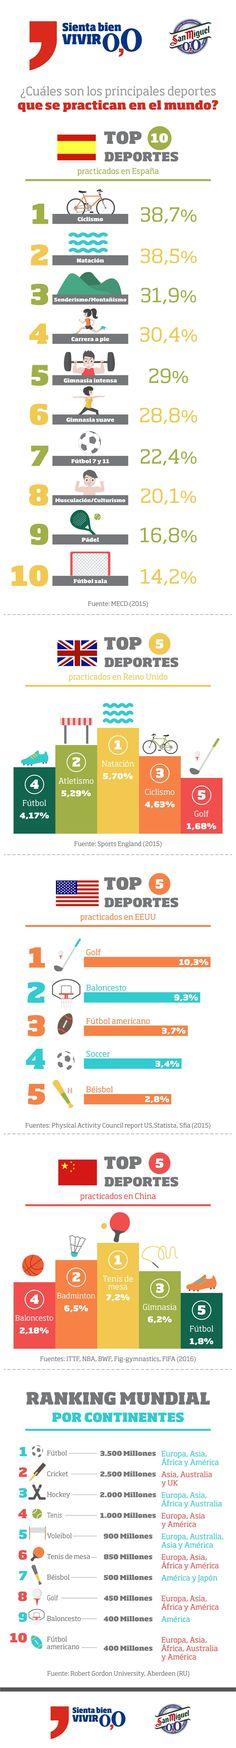 Los deportes más practicados en España y en el mundo Infografia de @ainaragm